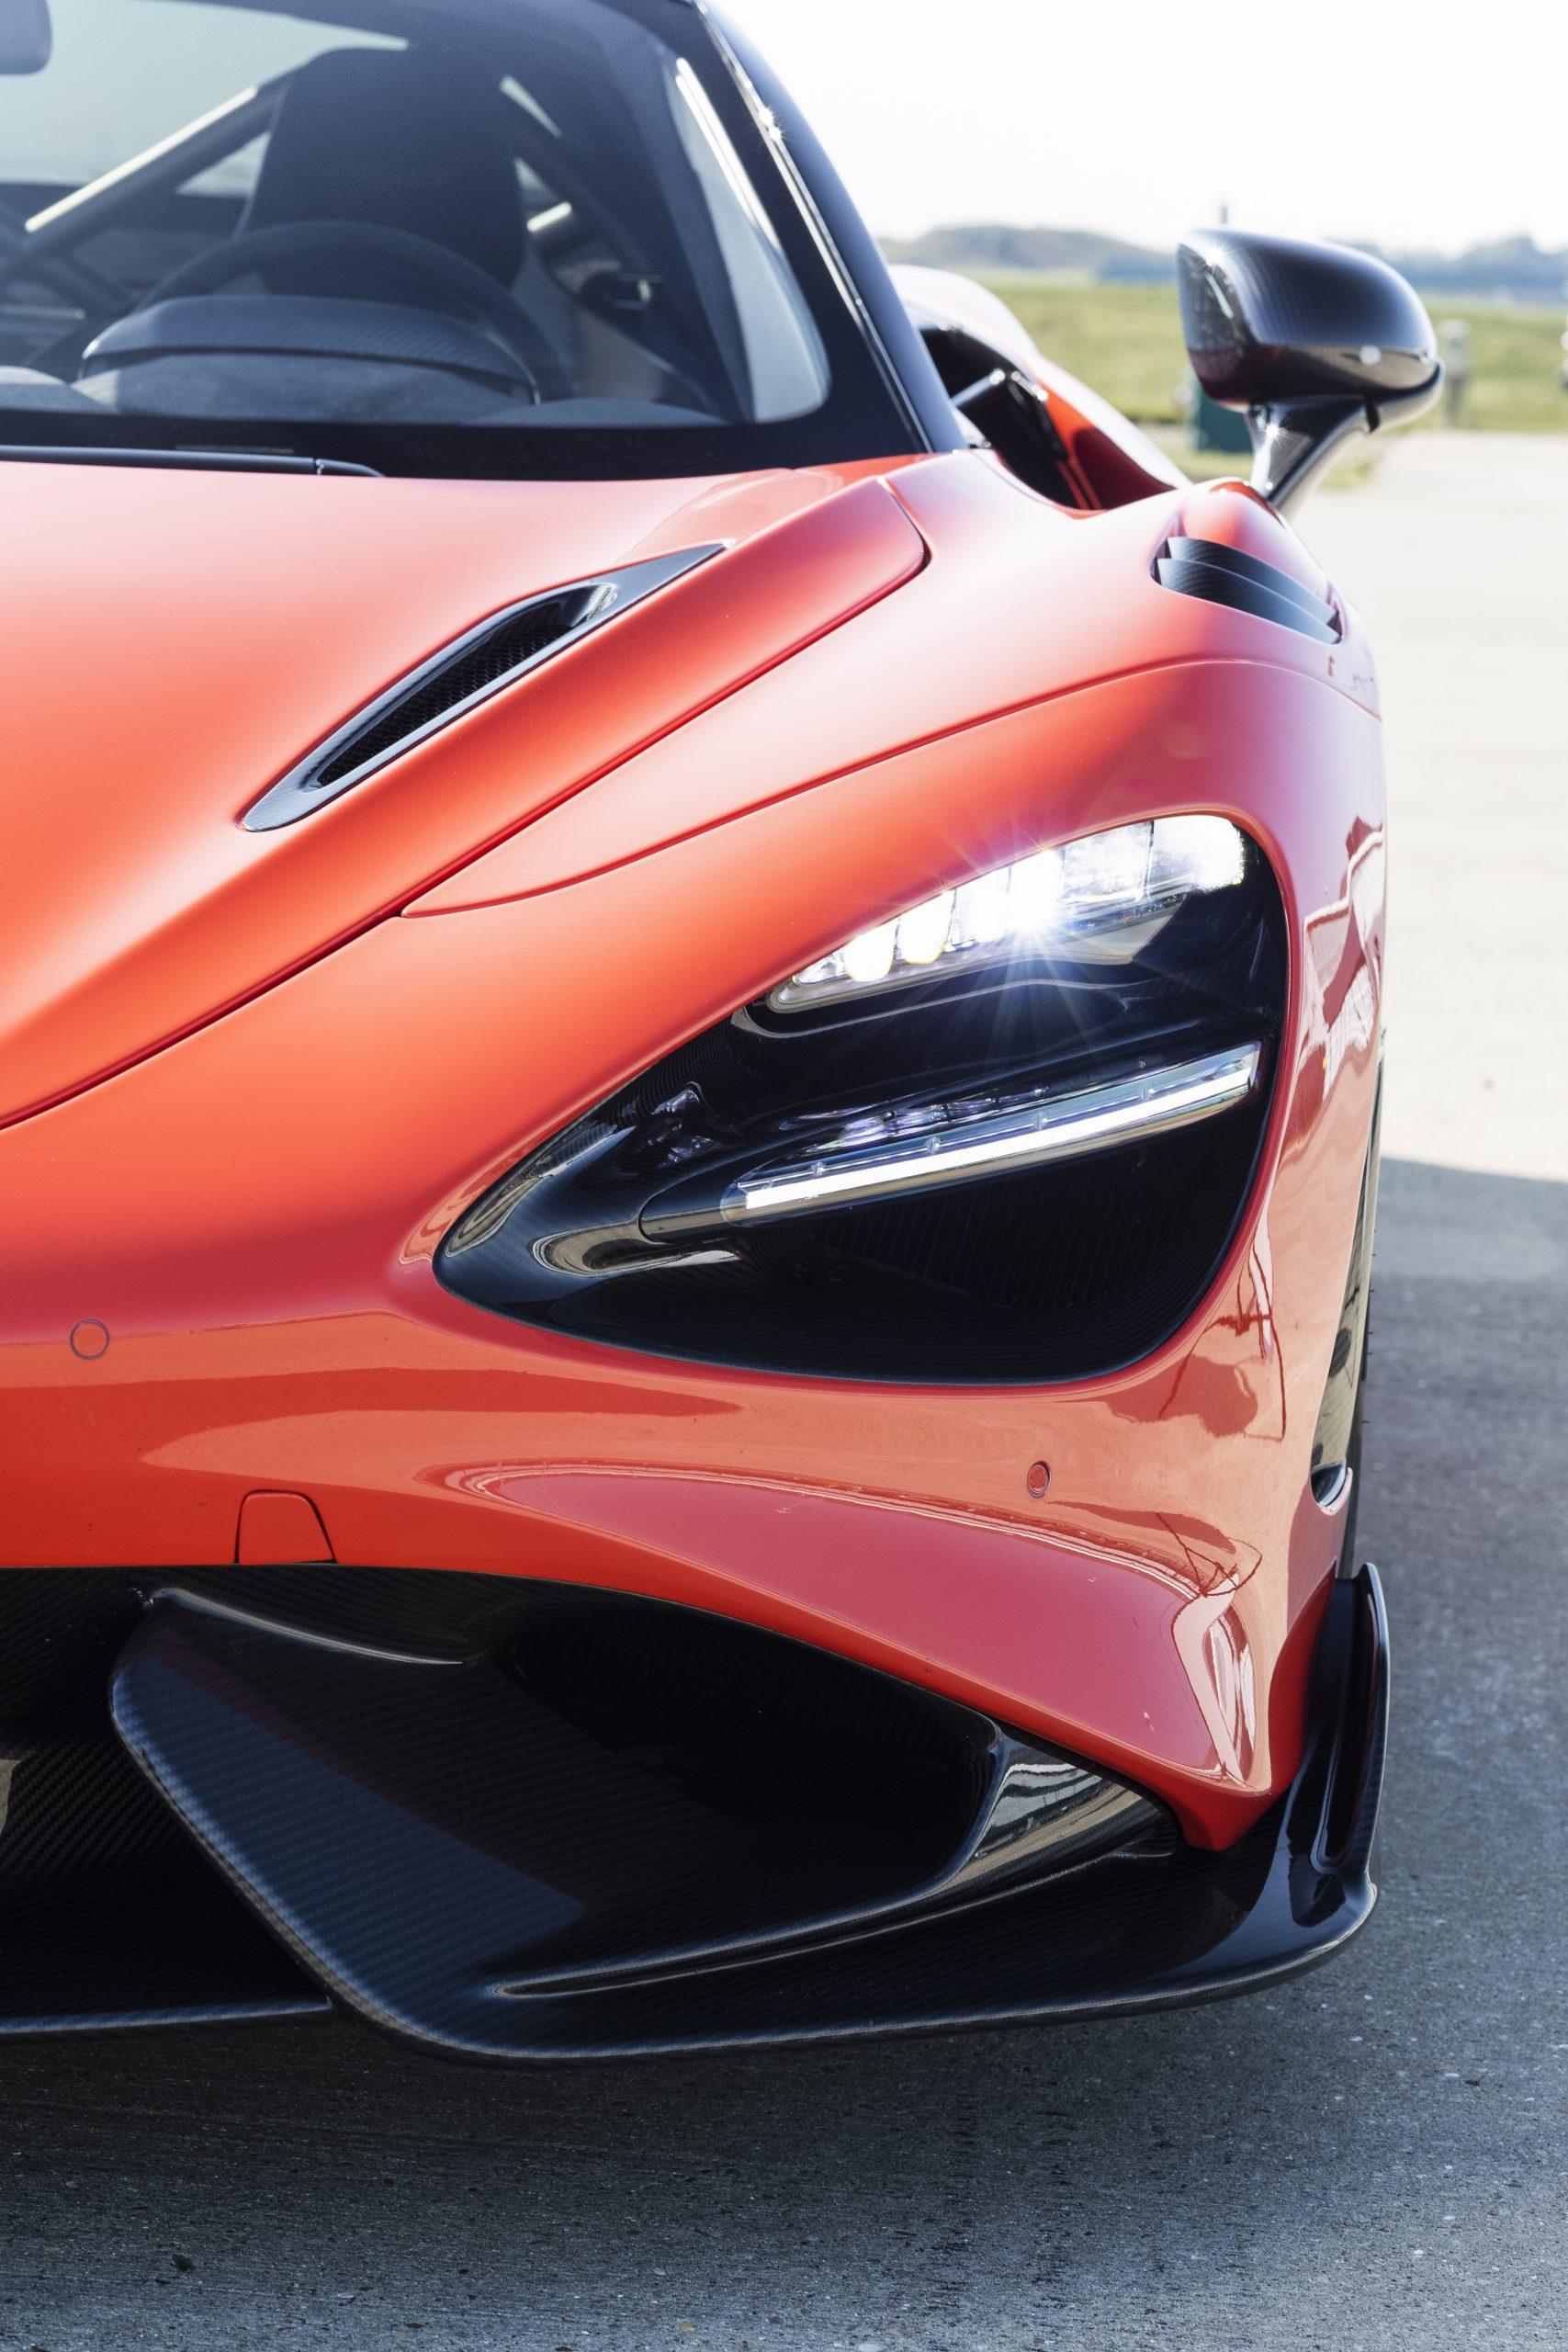 2021 McLaren 765LT Headlight